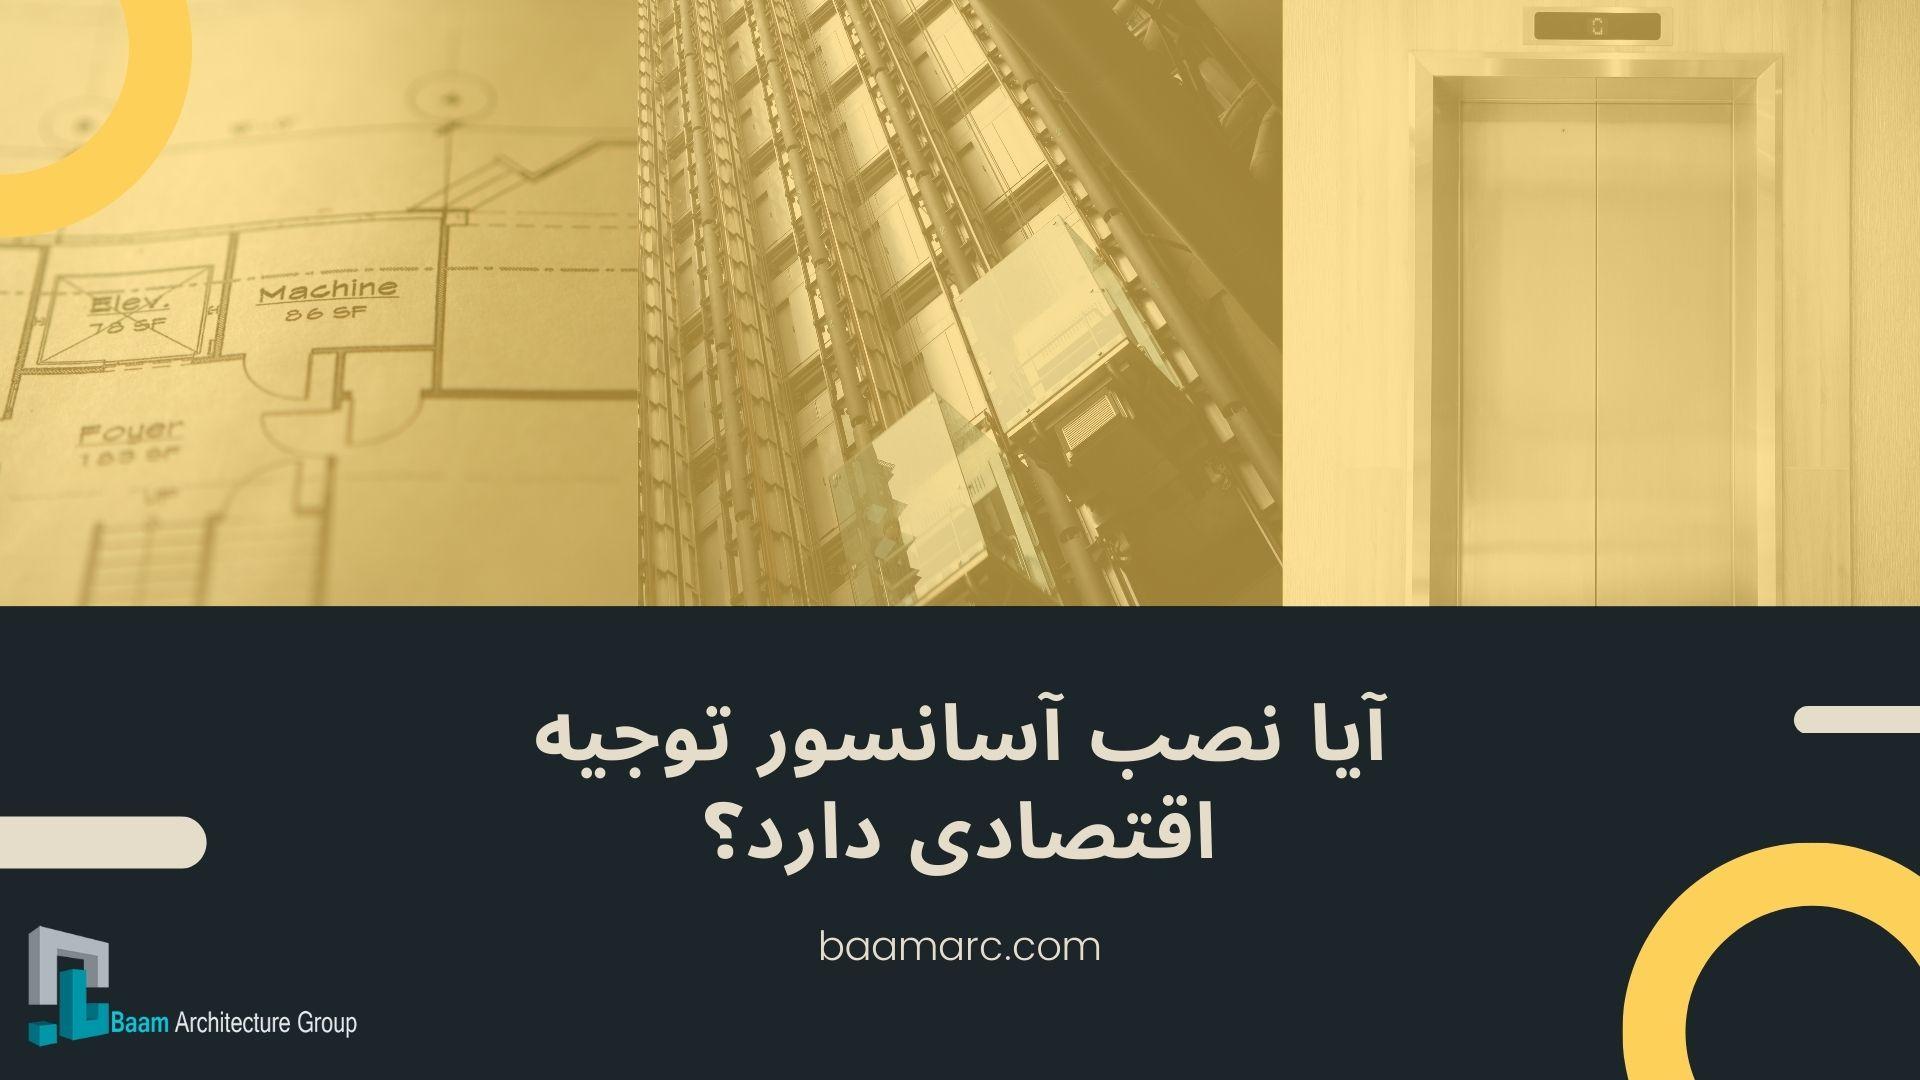 آیا نصب آسانسور توجیه اقتصادی دارد؟